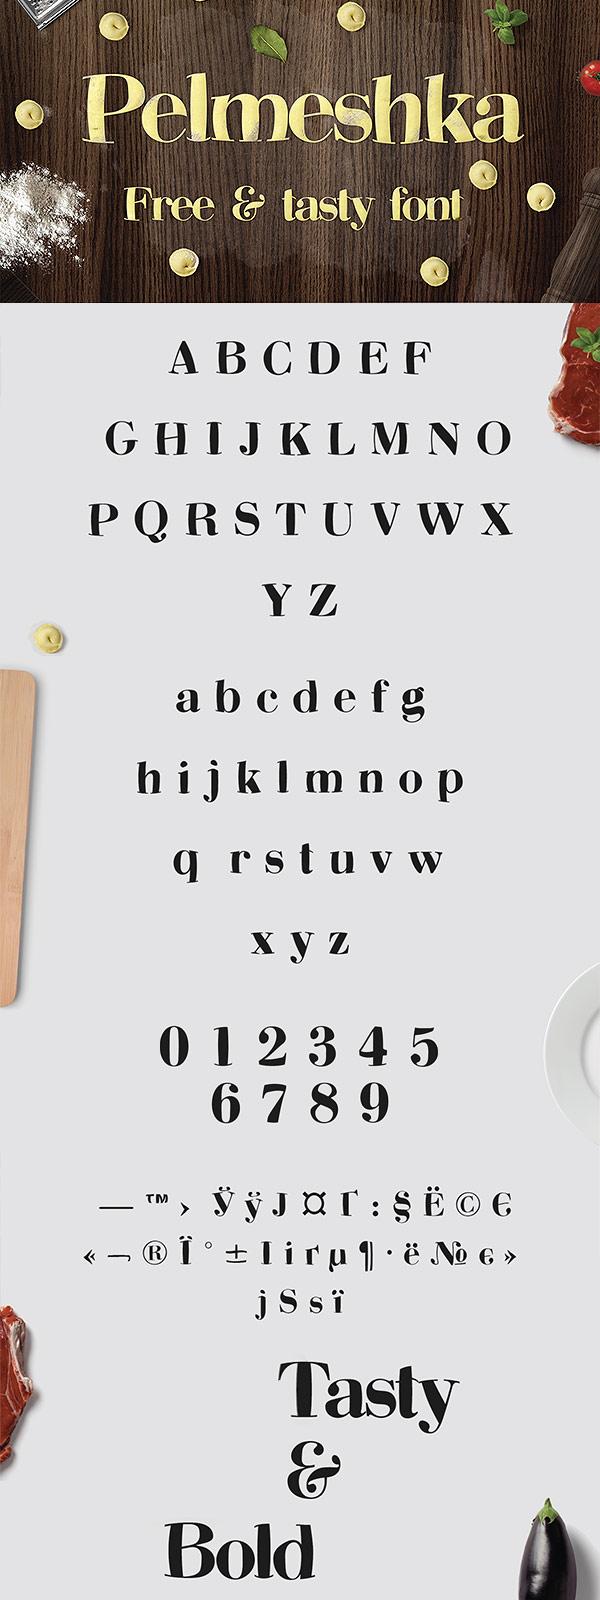 Free Font - Pelmeshka